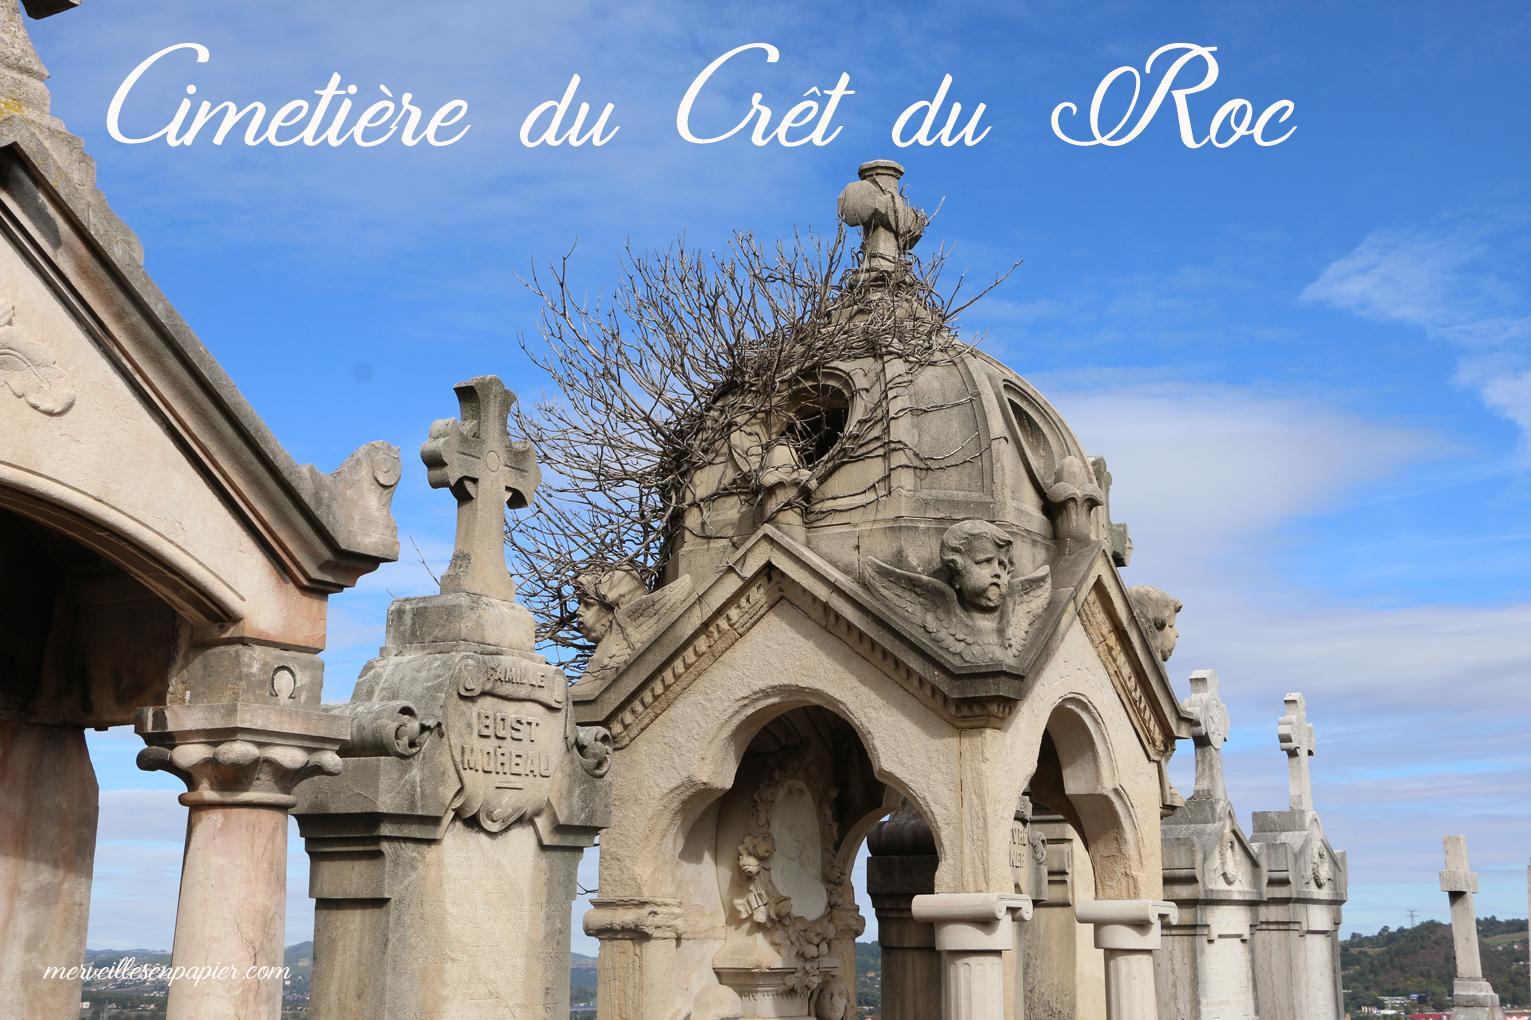 Cimetière du Crêt du Roc,Saint Etienne